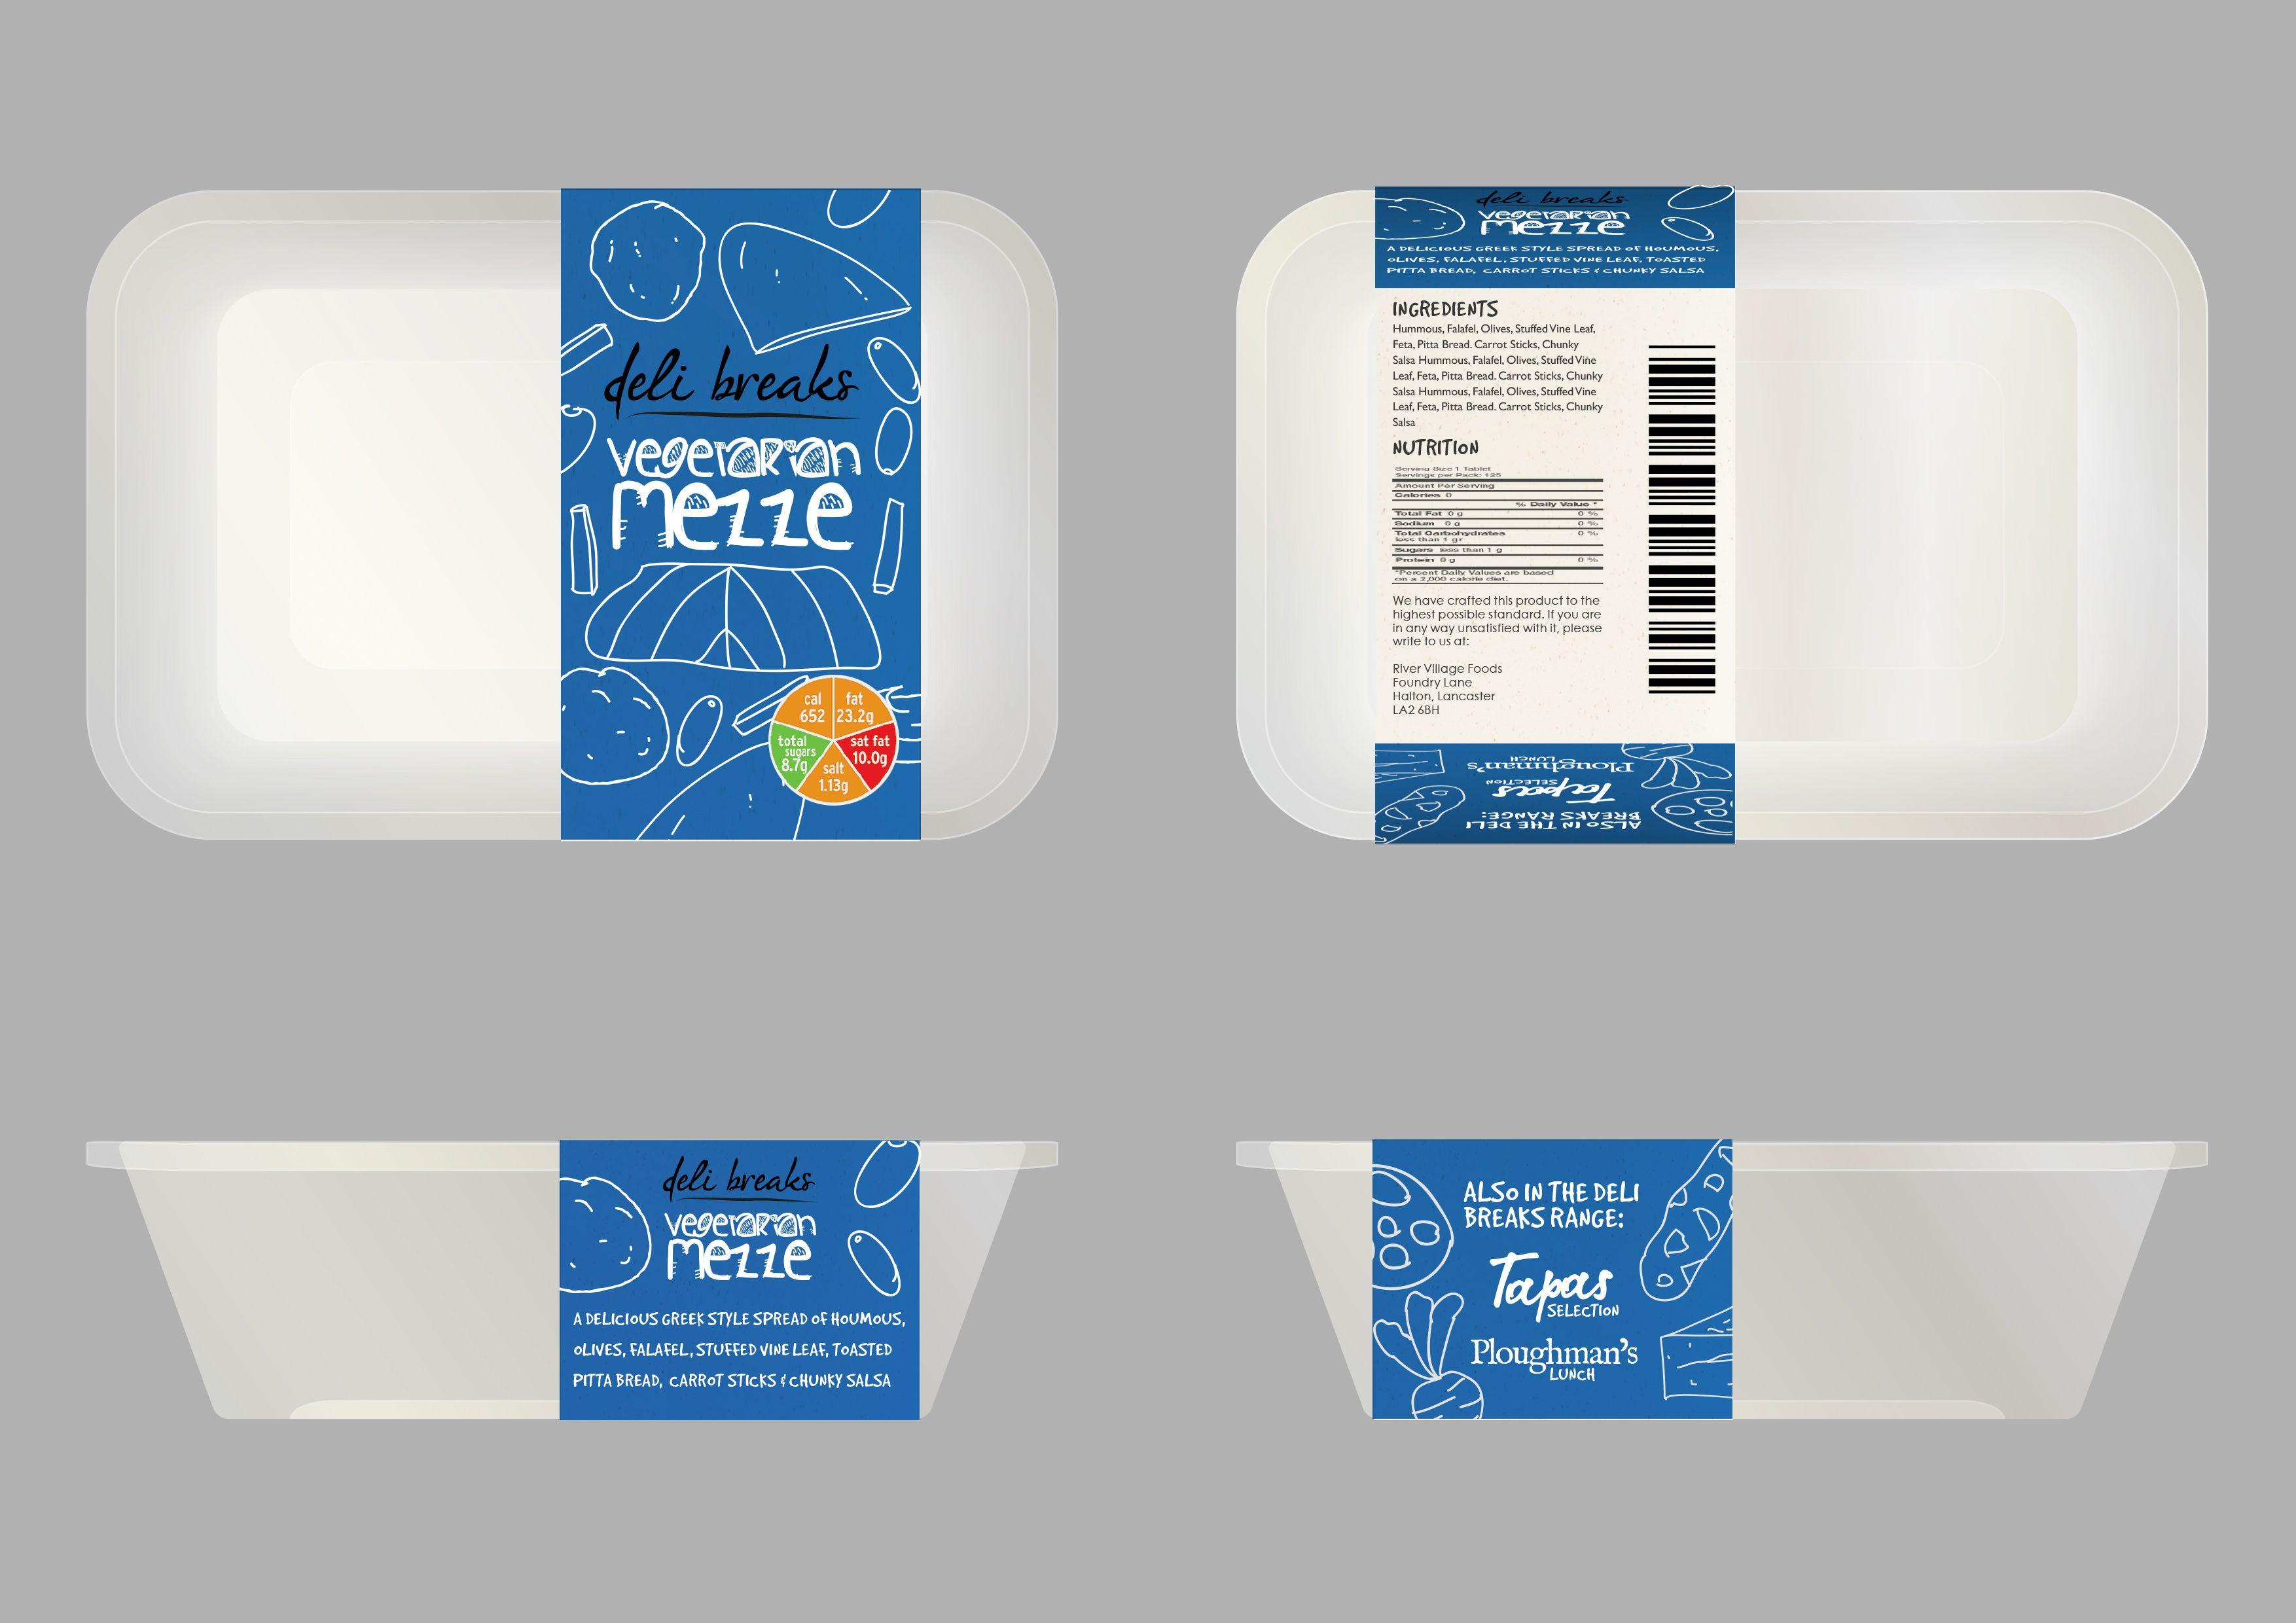 deli-breaks-mezze-mockup.jpg (3508×2480)   Dementia Packaging ...